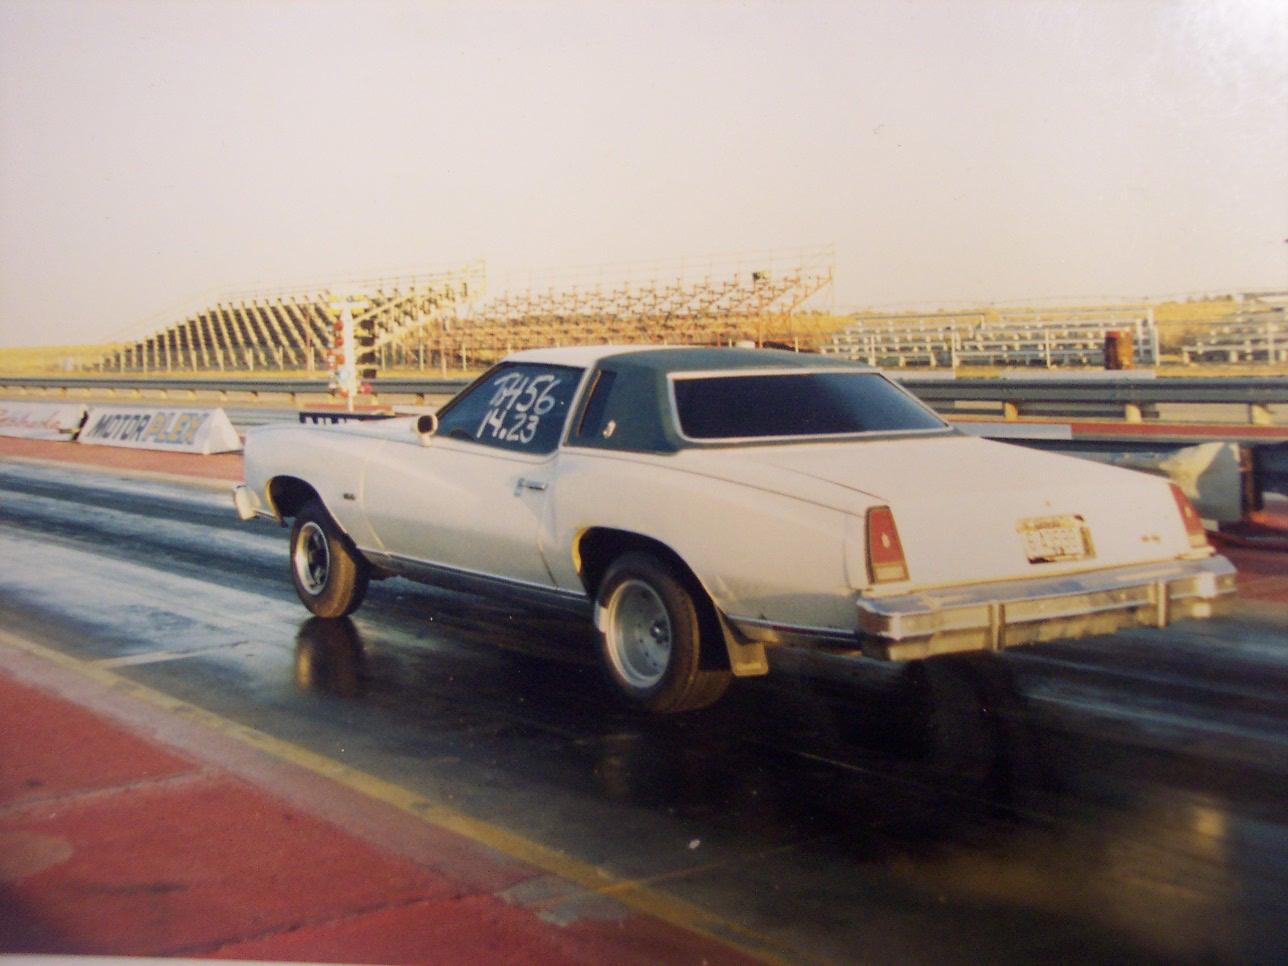 savage 111 en 300 win mag - Page 3 7916-1976-Chevrolet-Monte%20Carlo